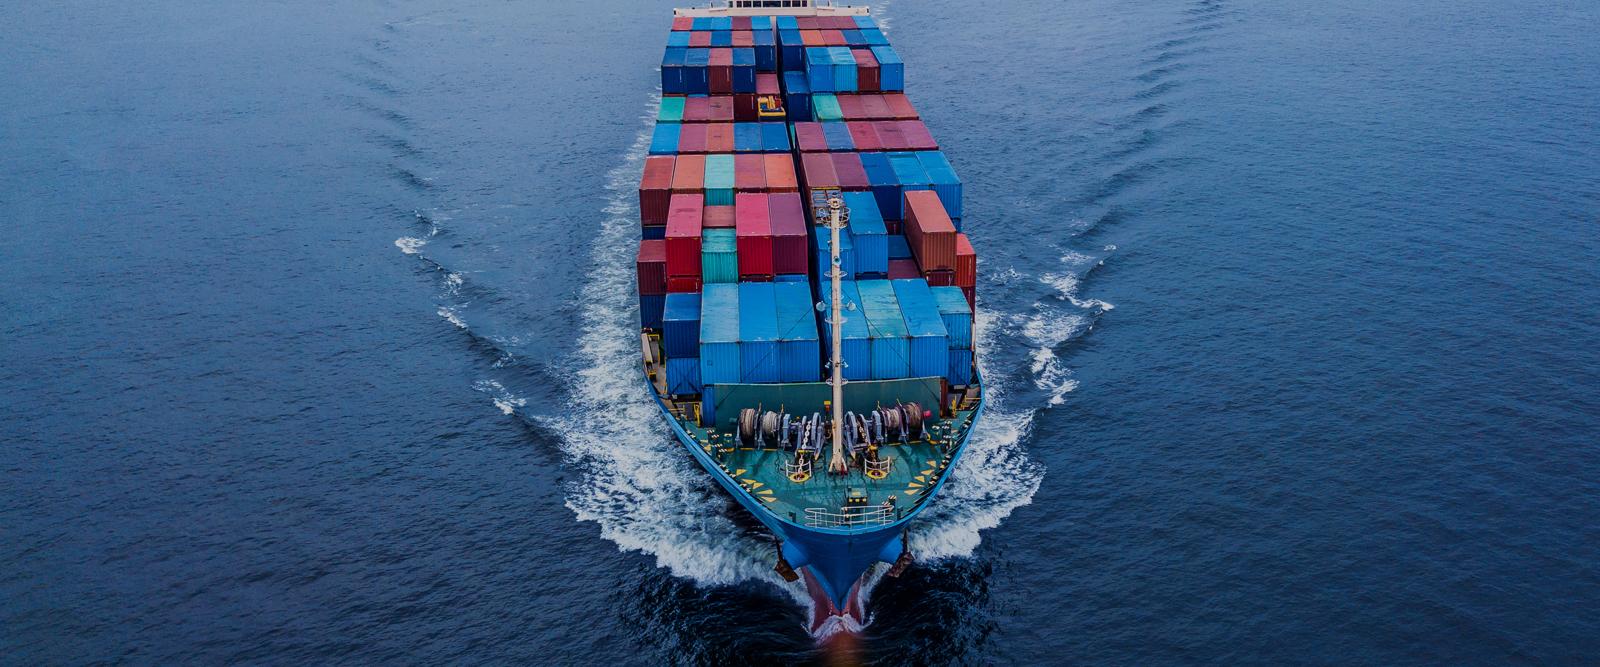 Bateau cargo transportant des conteneurs sur l'océan